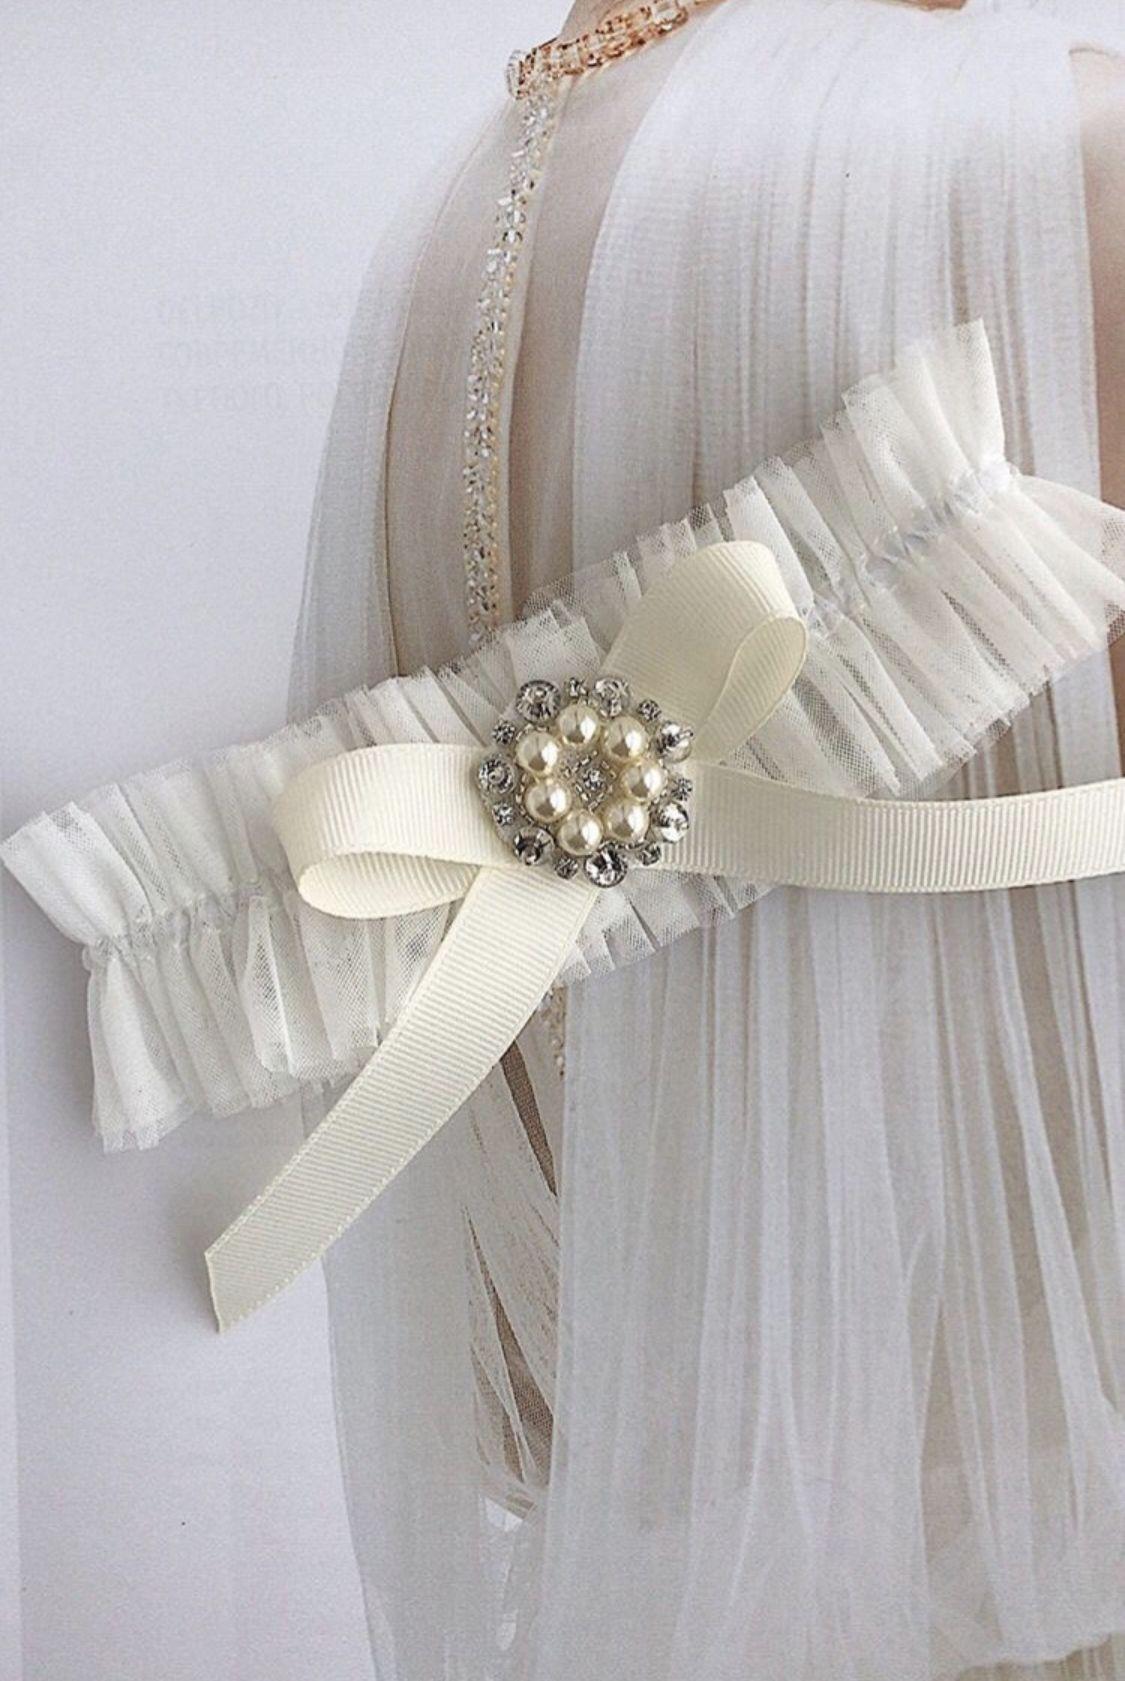 Klassische Hochzeitsbrauche Traditionen Zur Hochzeit Hochzeit Brauche Hochzeitsbrauche Hochzeit